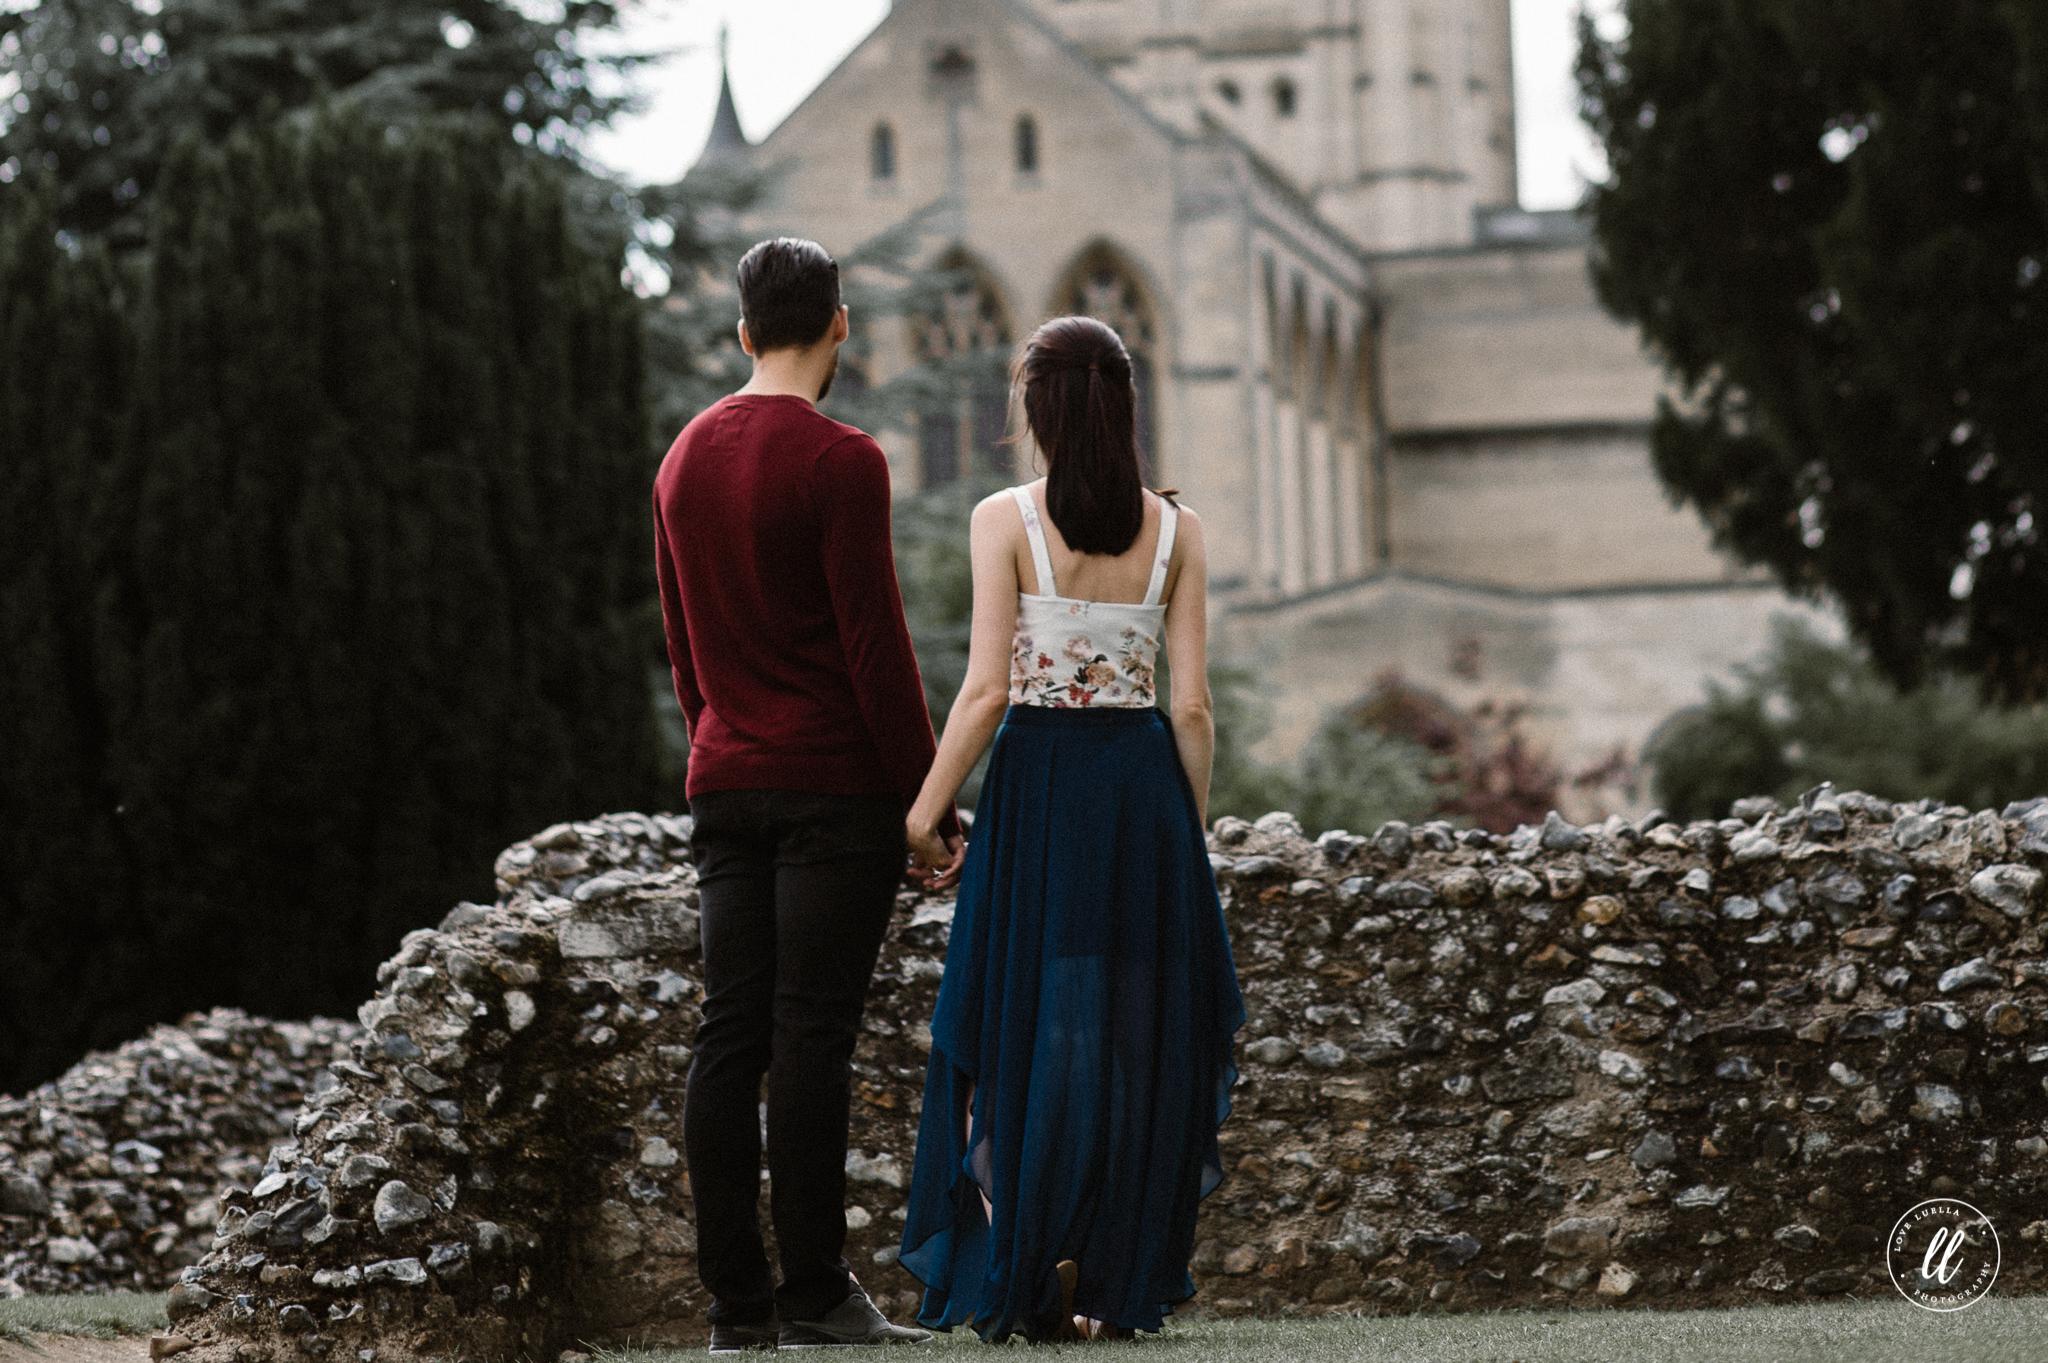 abbey-garden-couple-shoot-wm-46.jpg